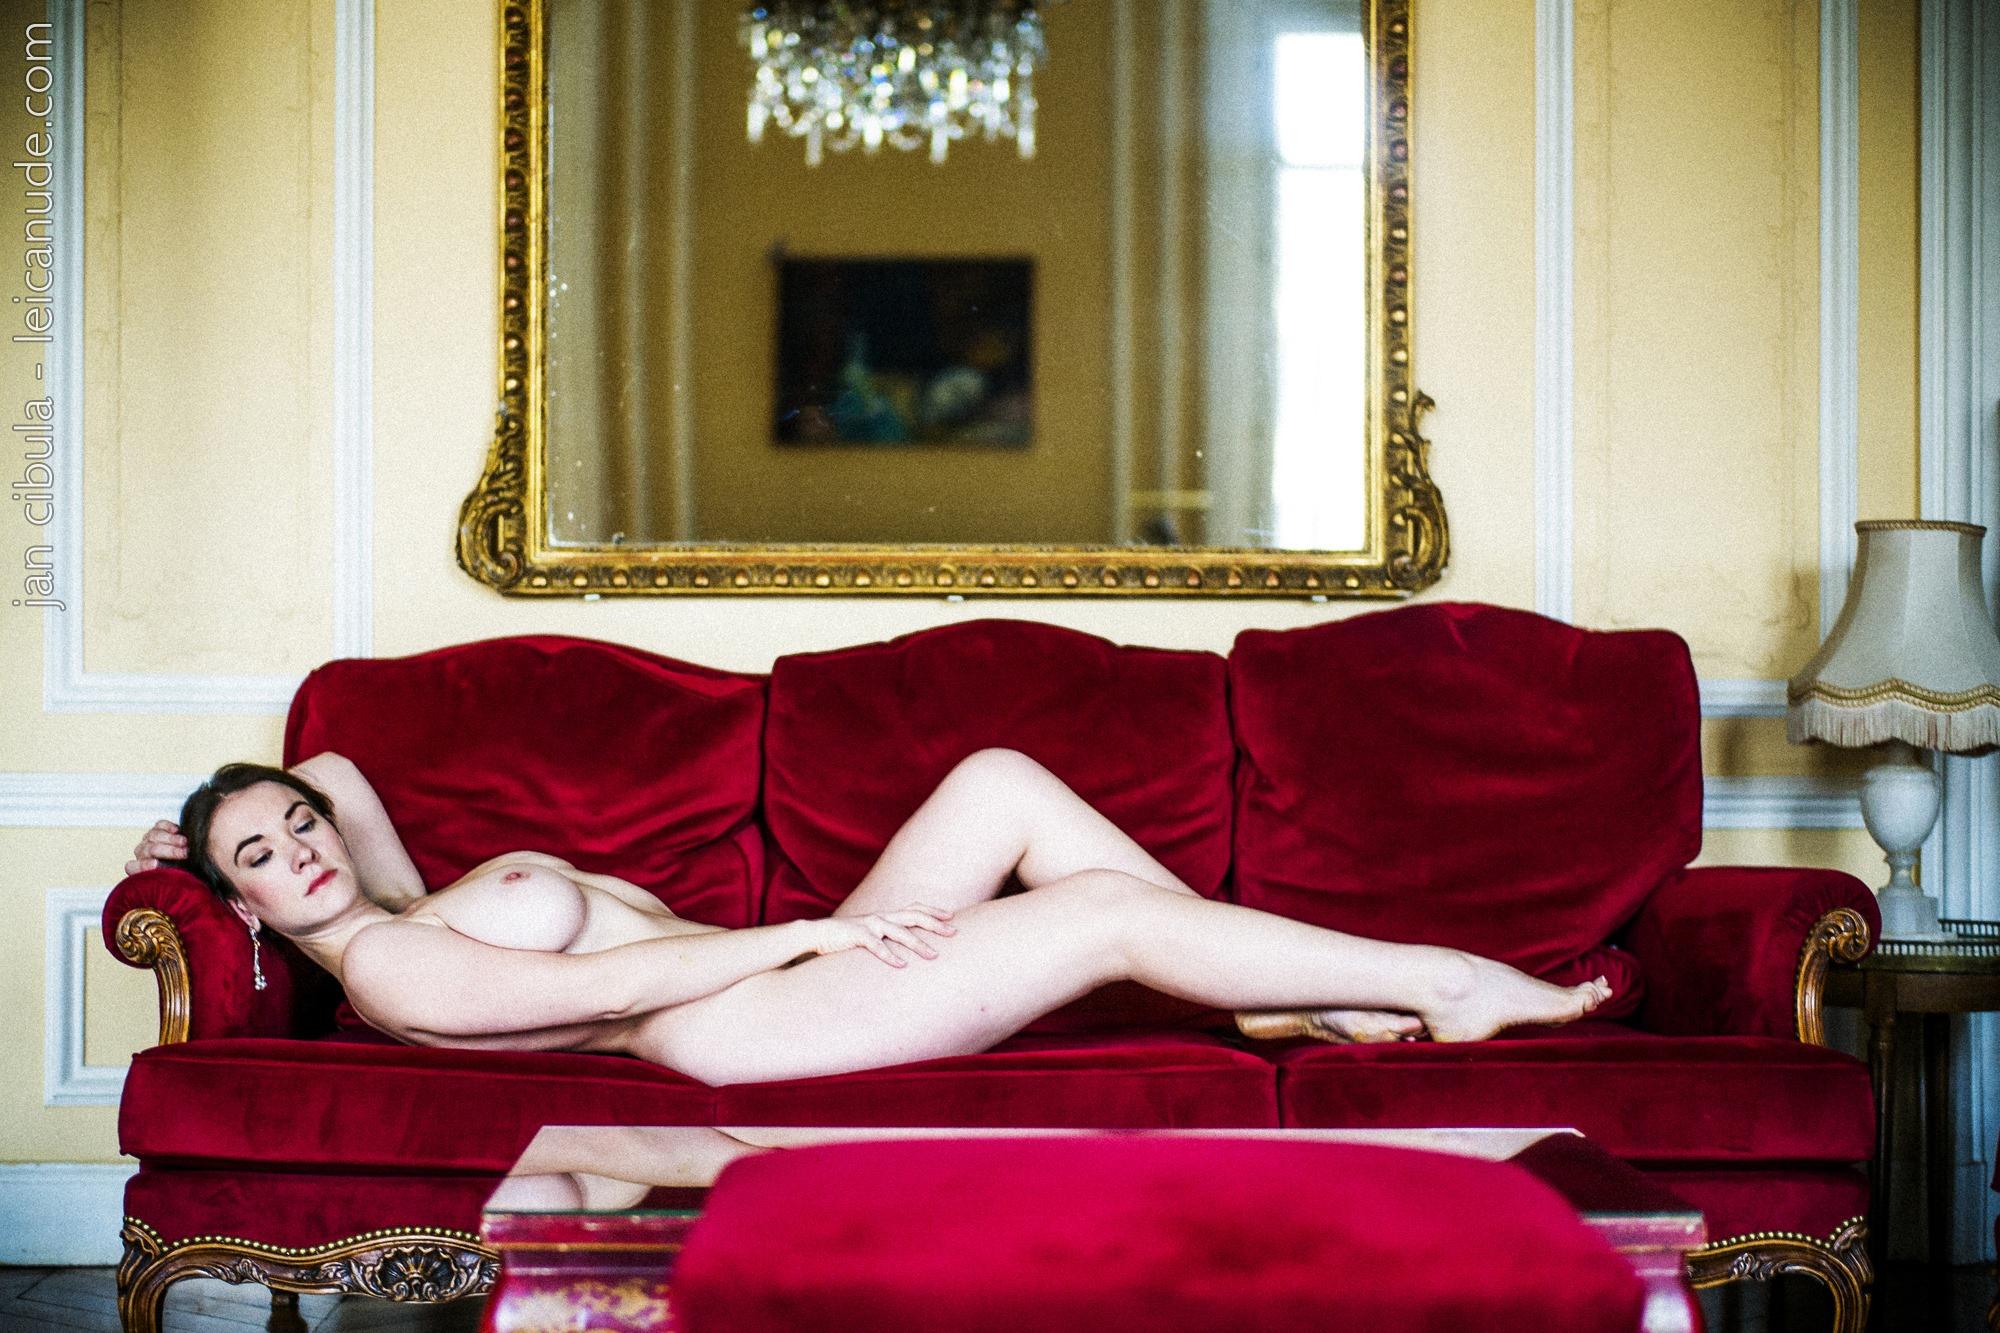 New 2016 Tanya Song naked photos